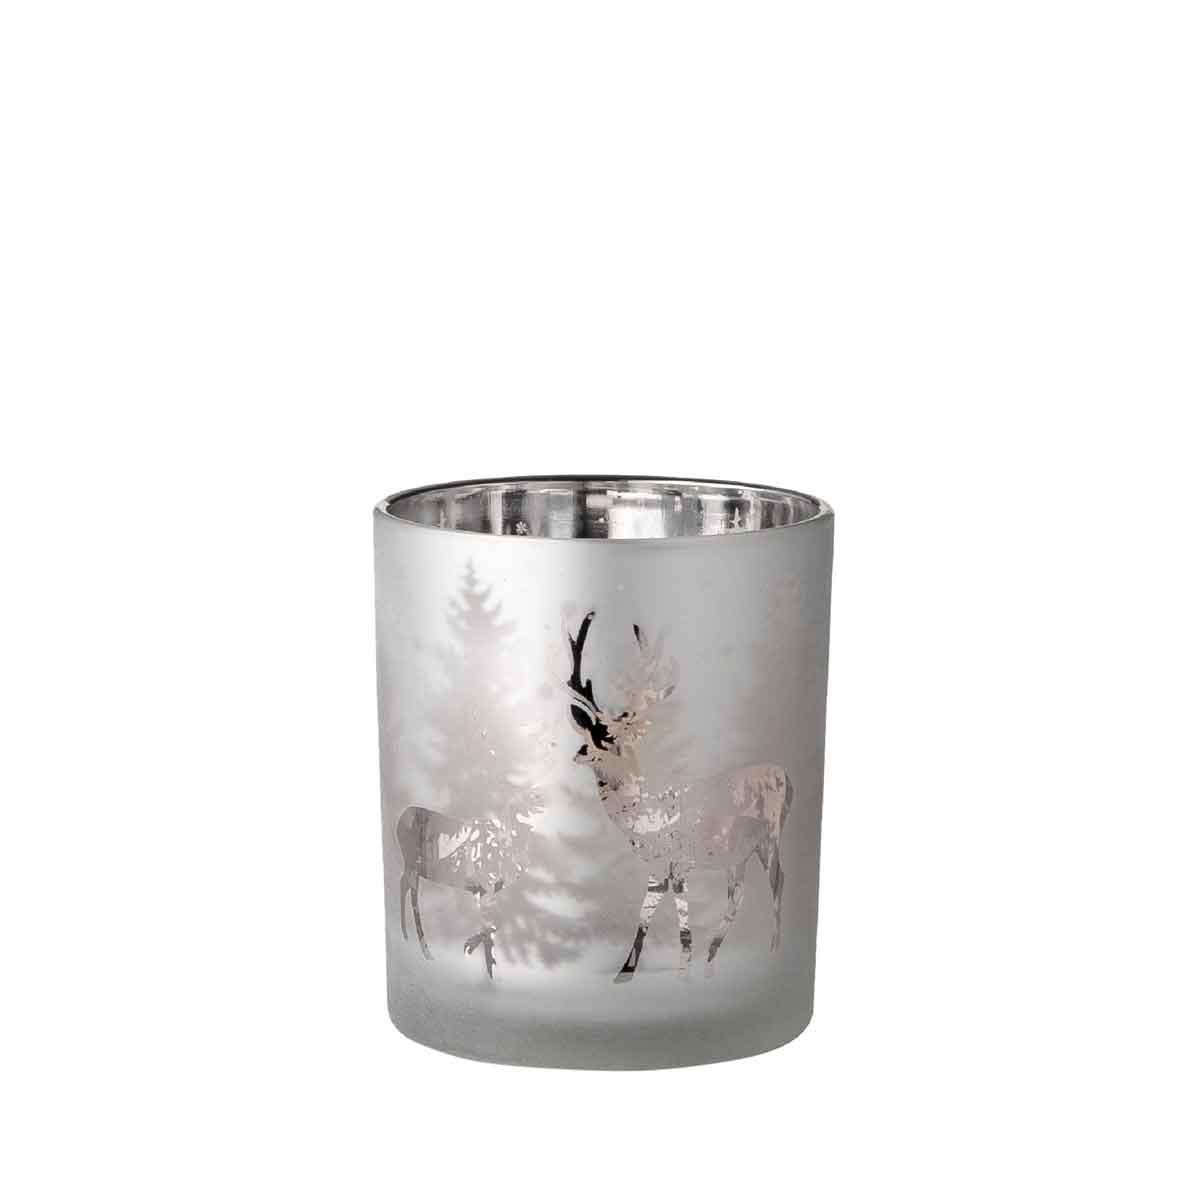 Porta tealight in vetro altezza 10cm